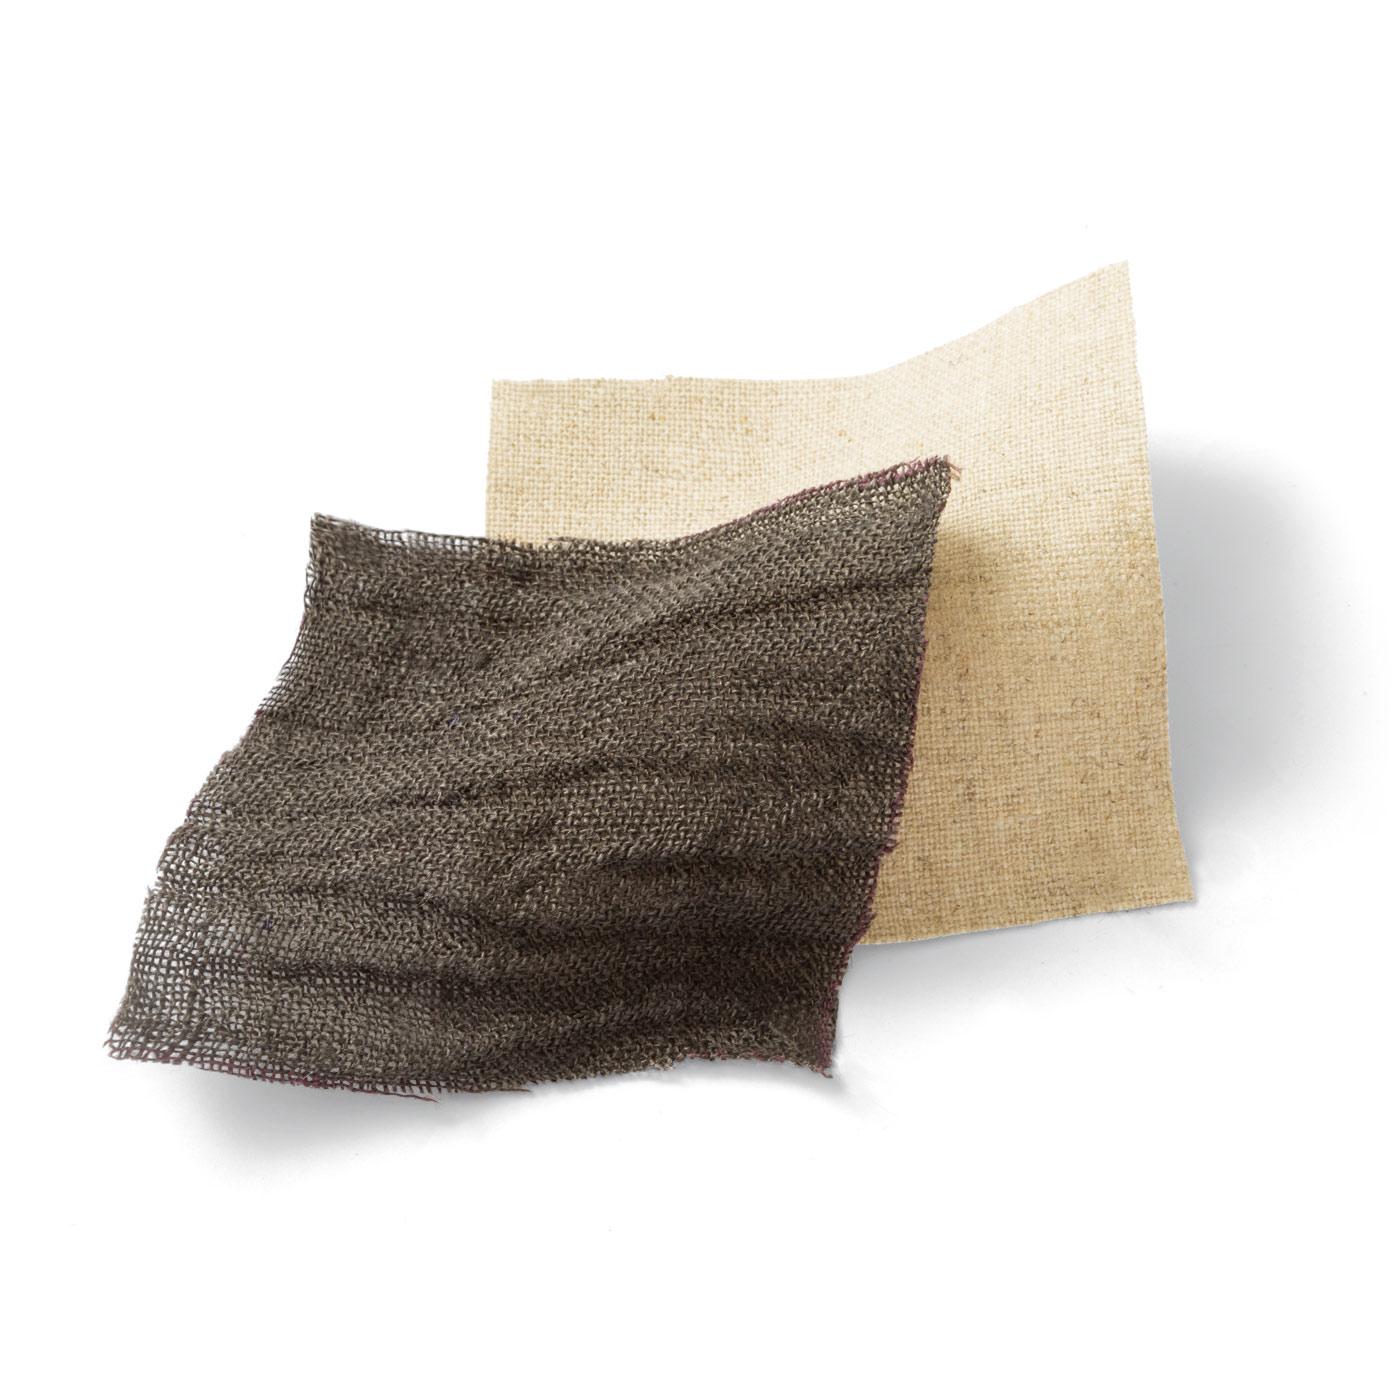 通気性にすぐれた綿麻素材は、見た目も涼やか。